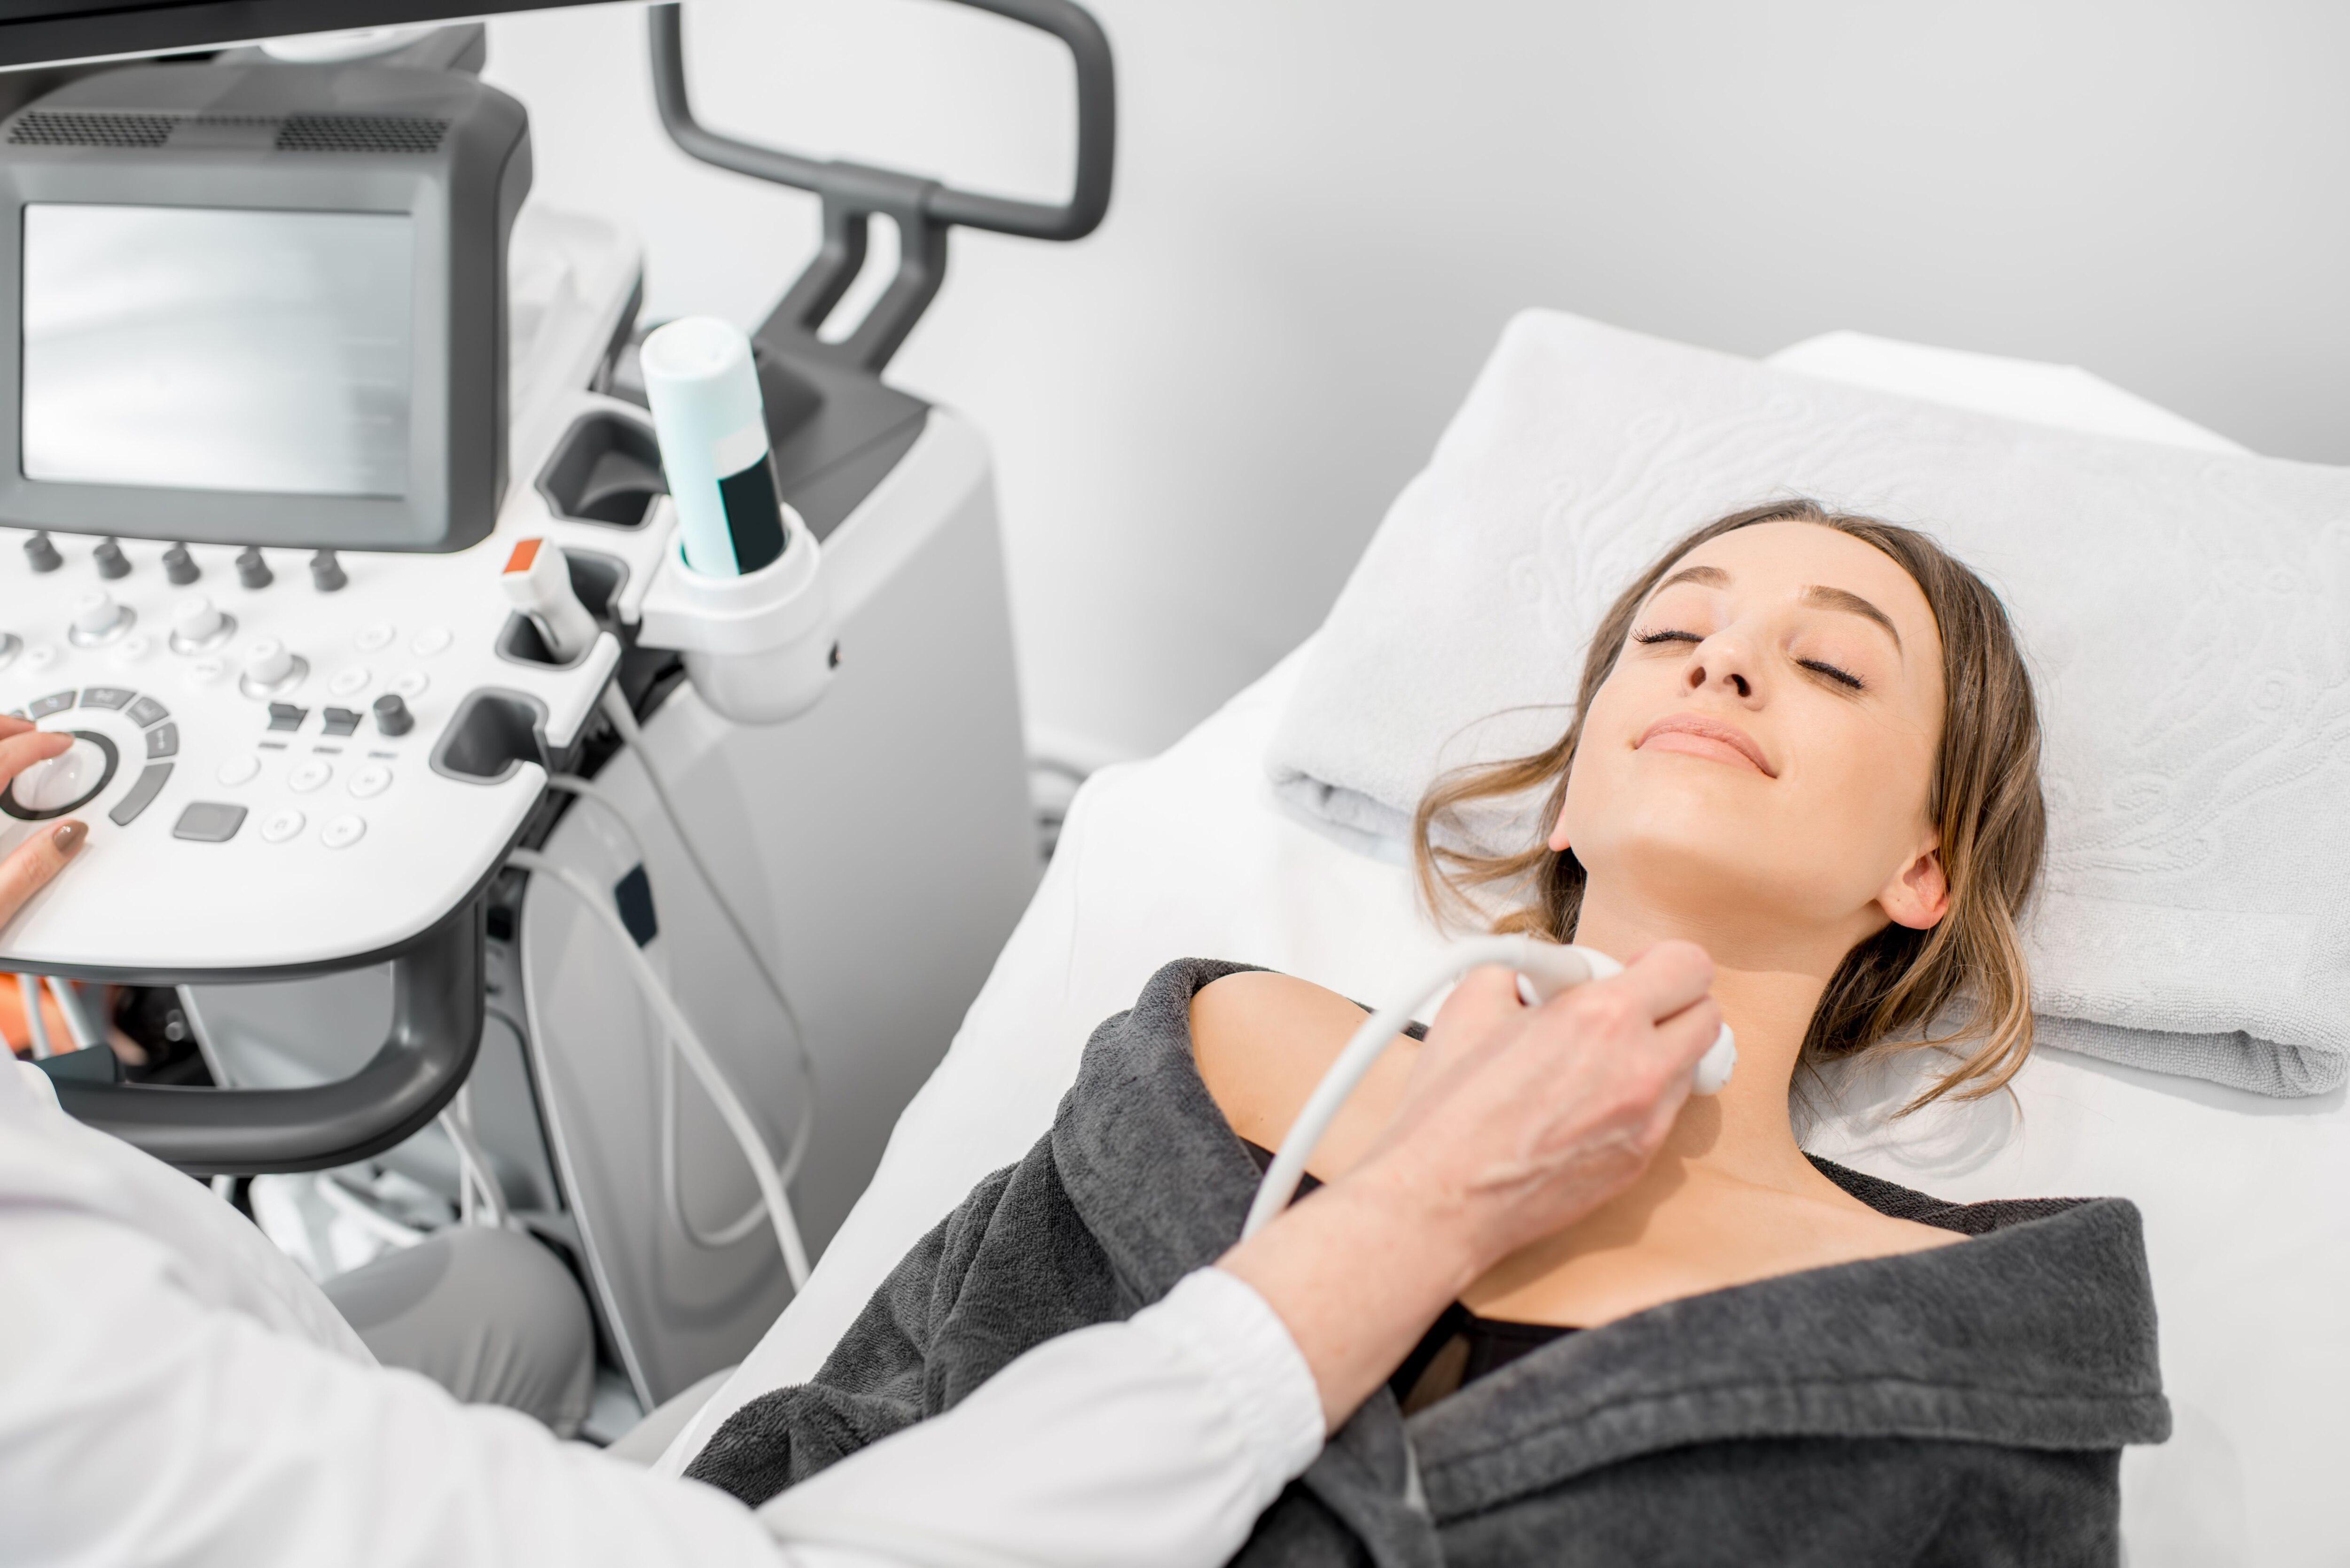 El tratamiento del cáncer de tiroides, al igual que todos los cánceres, necesita de un abordaje multidisciplinario (Shutterstock)